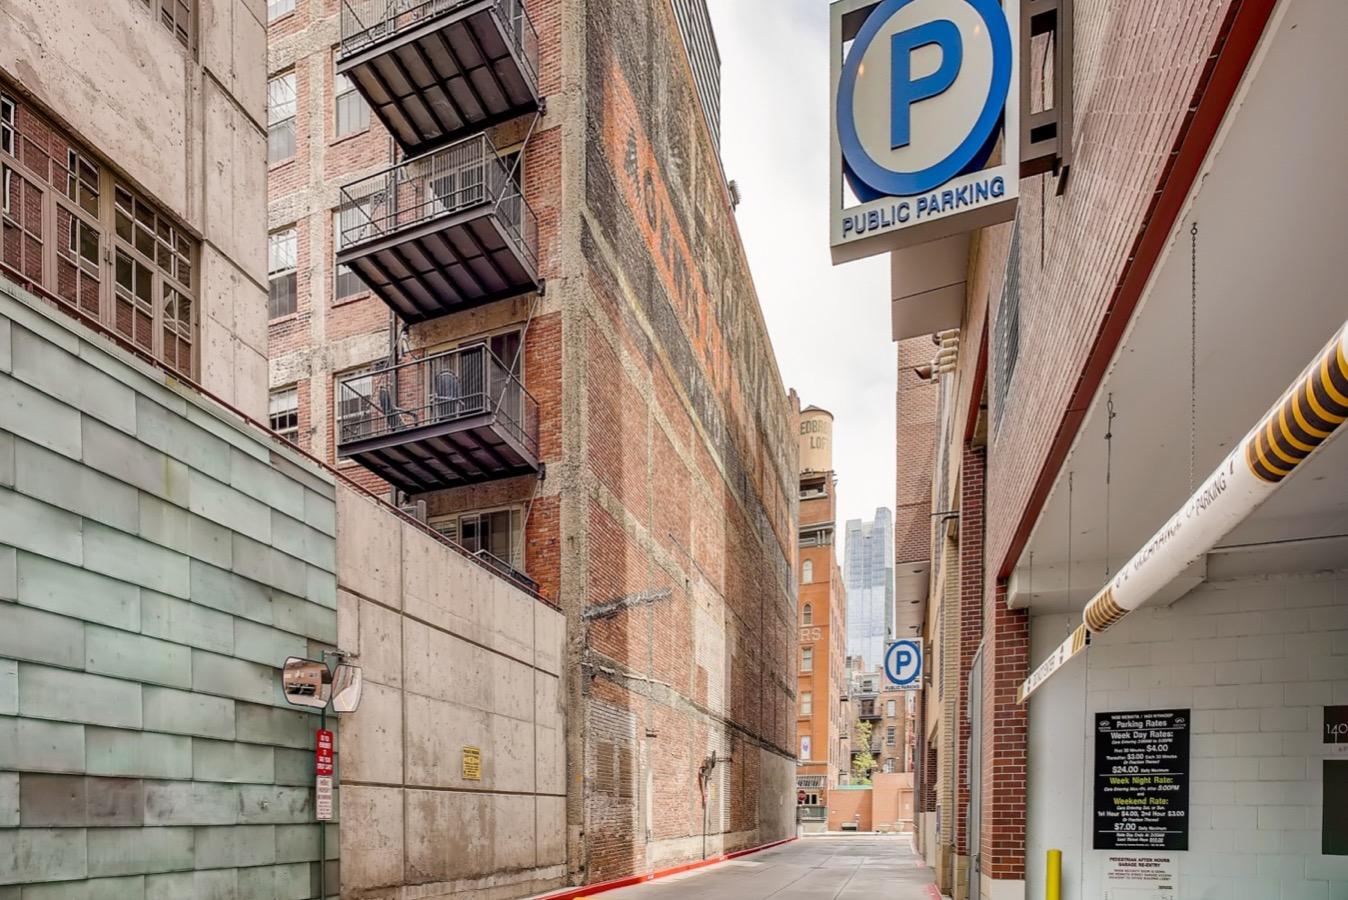 Public Parking Garage